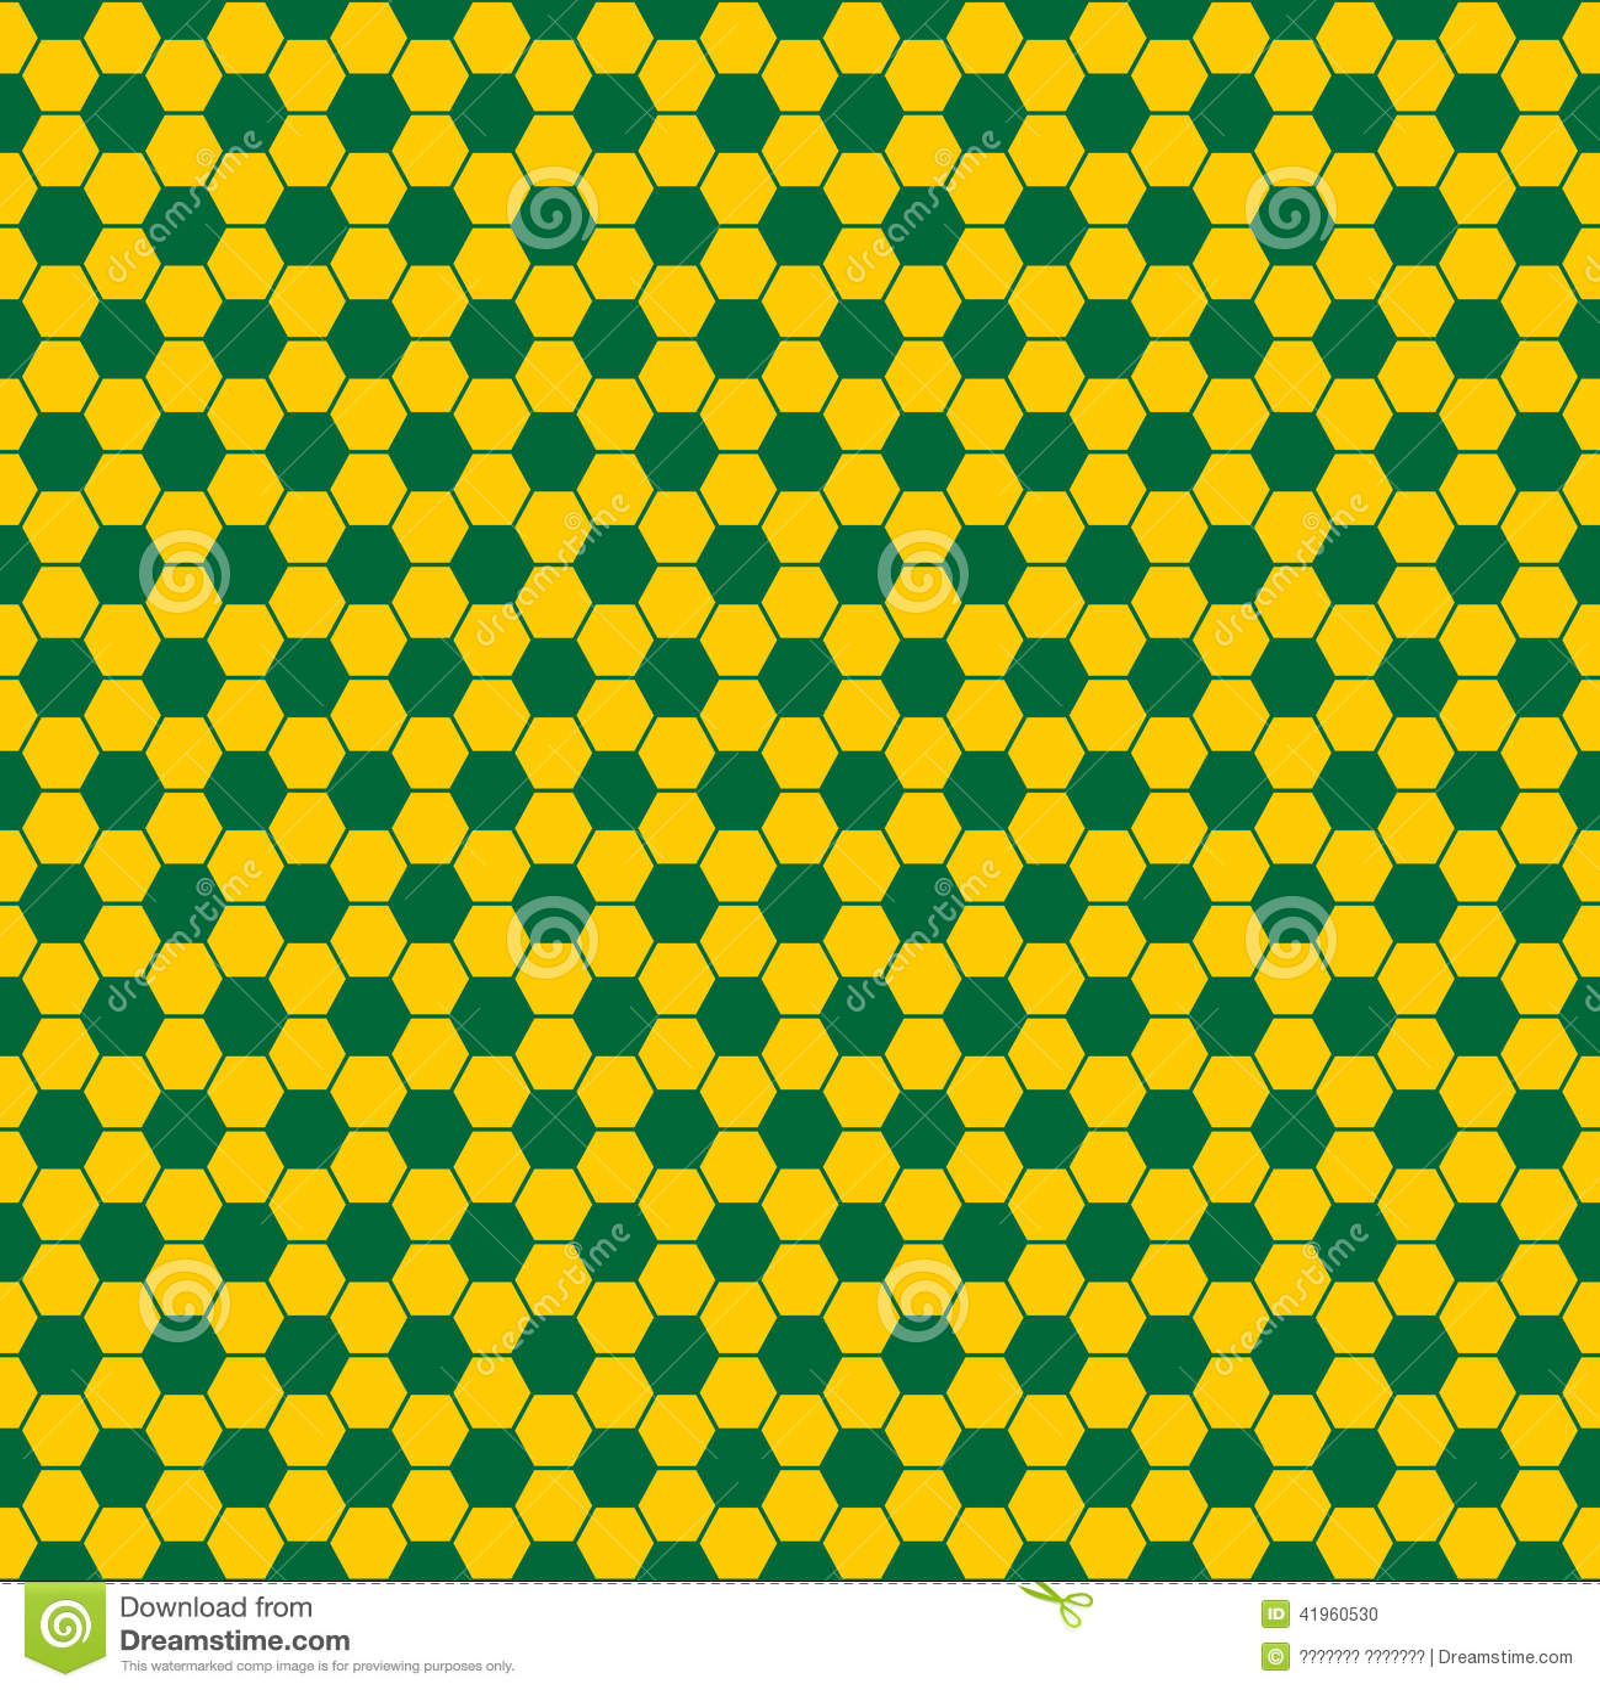 Soccer ball vector seamless pattern, texture.